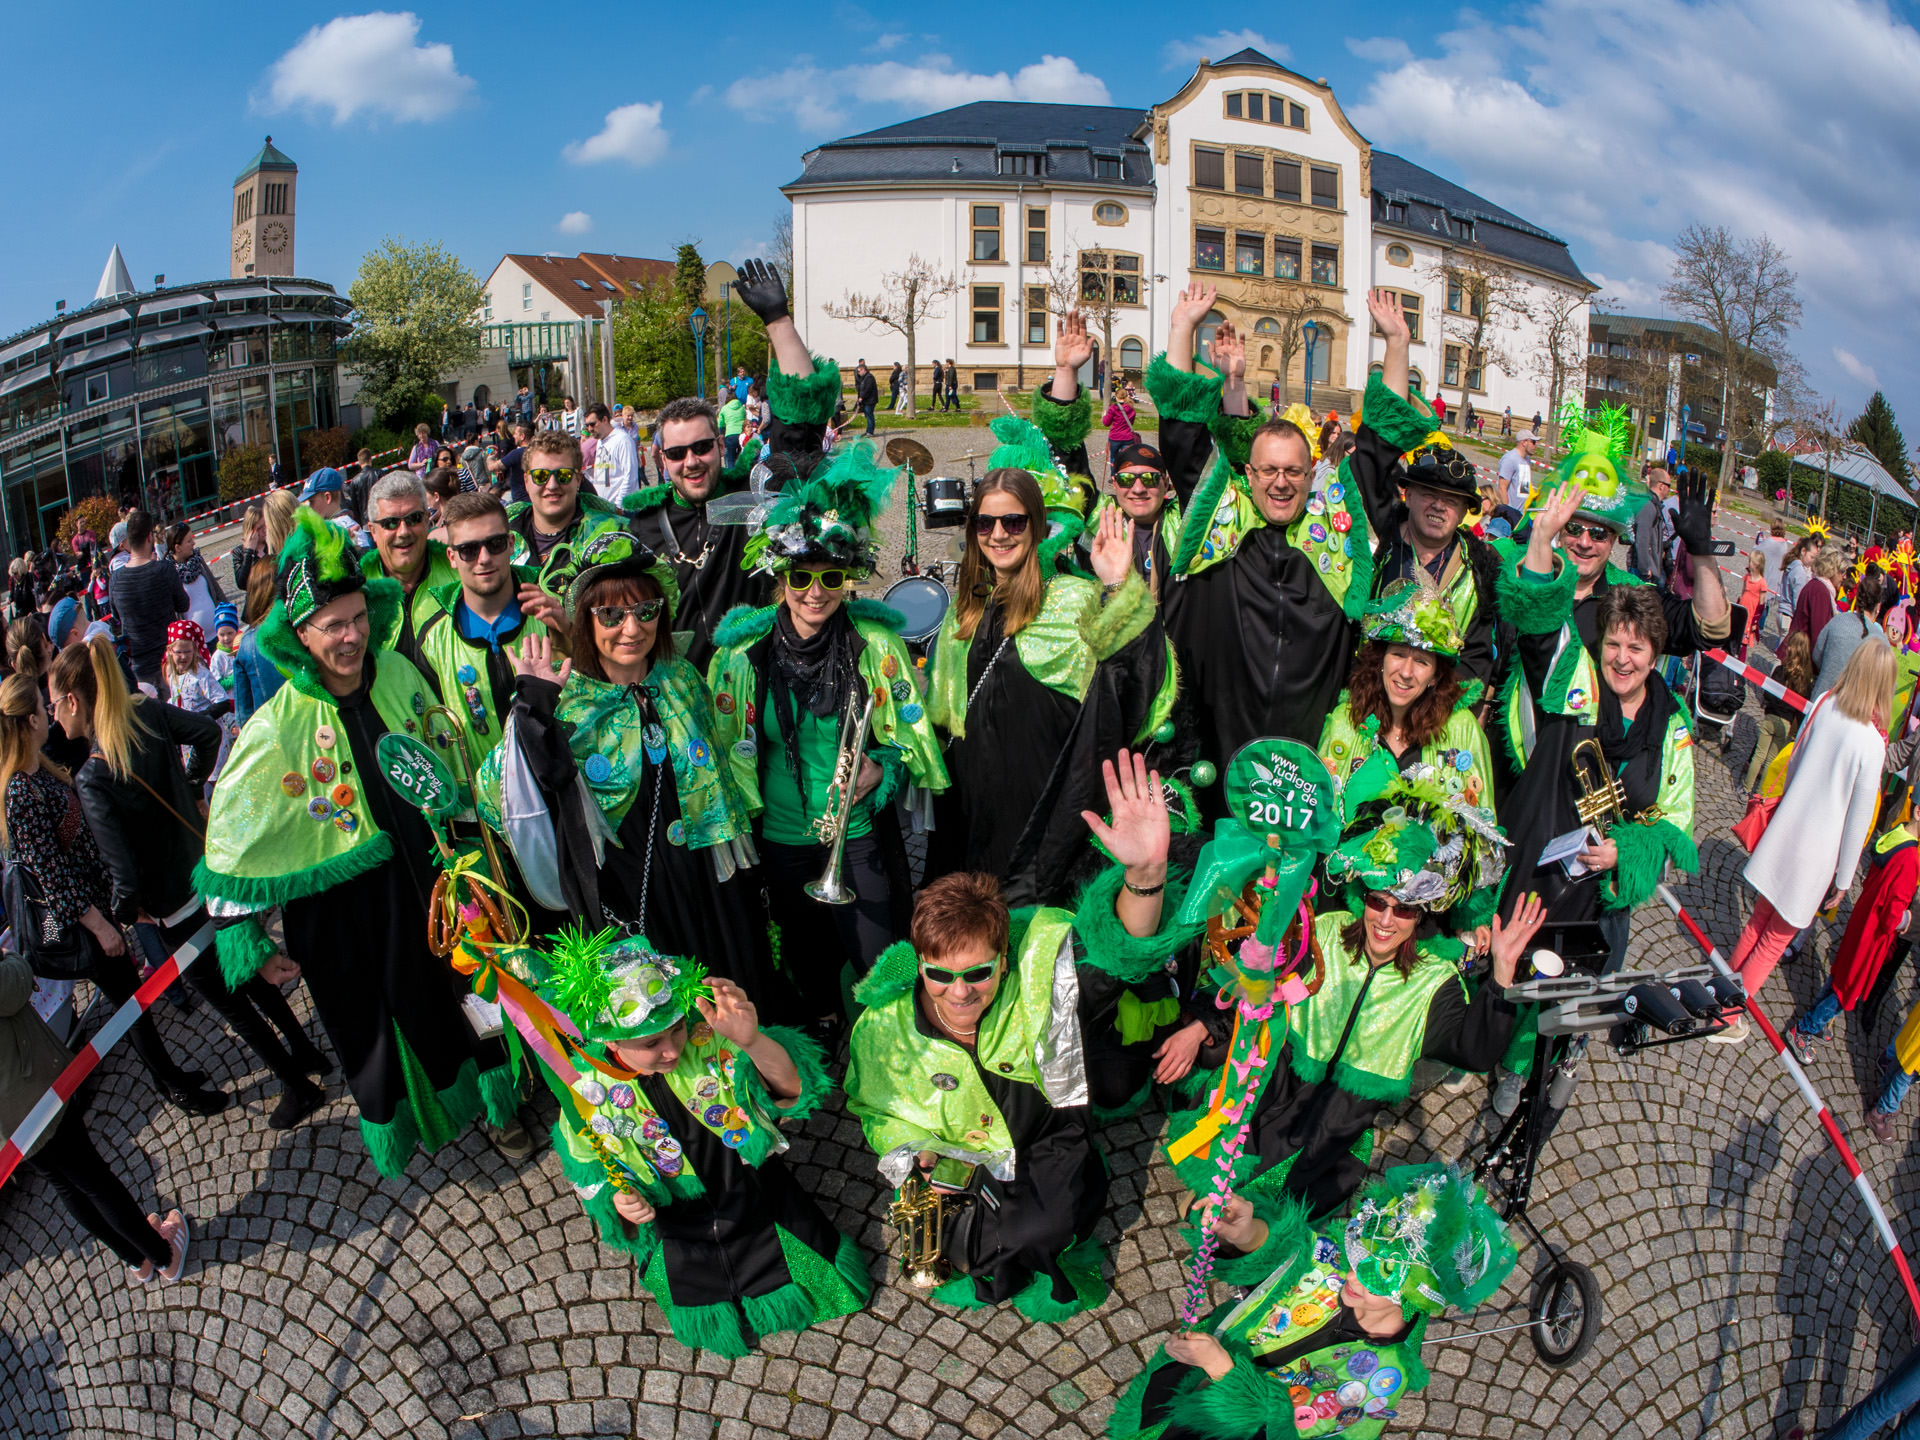 Fudiggl-Gruppenfoto auf dem Marktplatz in Hockenheim beim Sommertagsumzug 2017